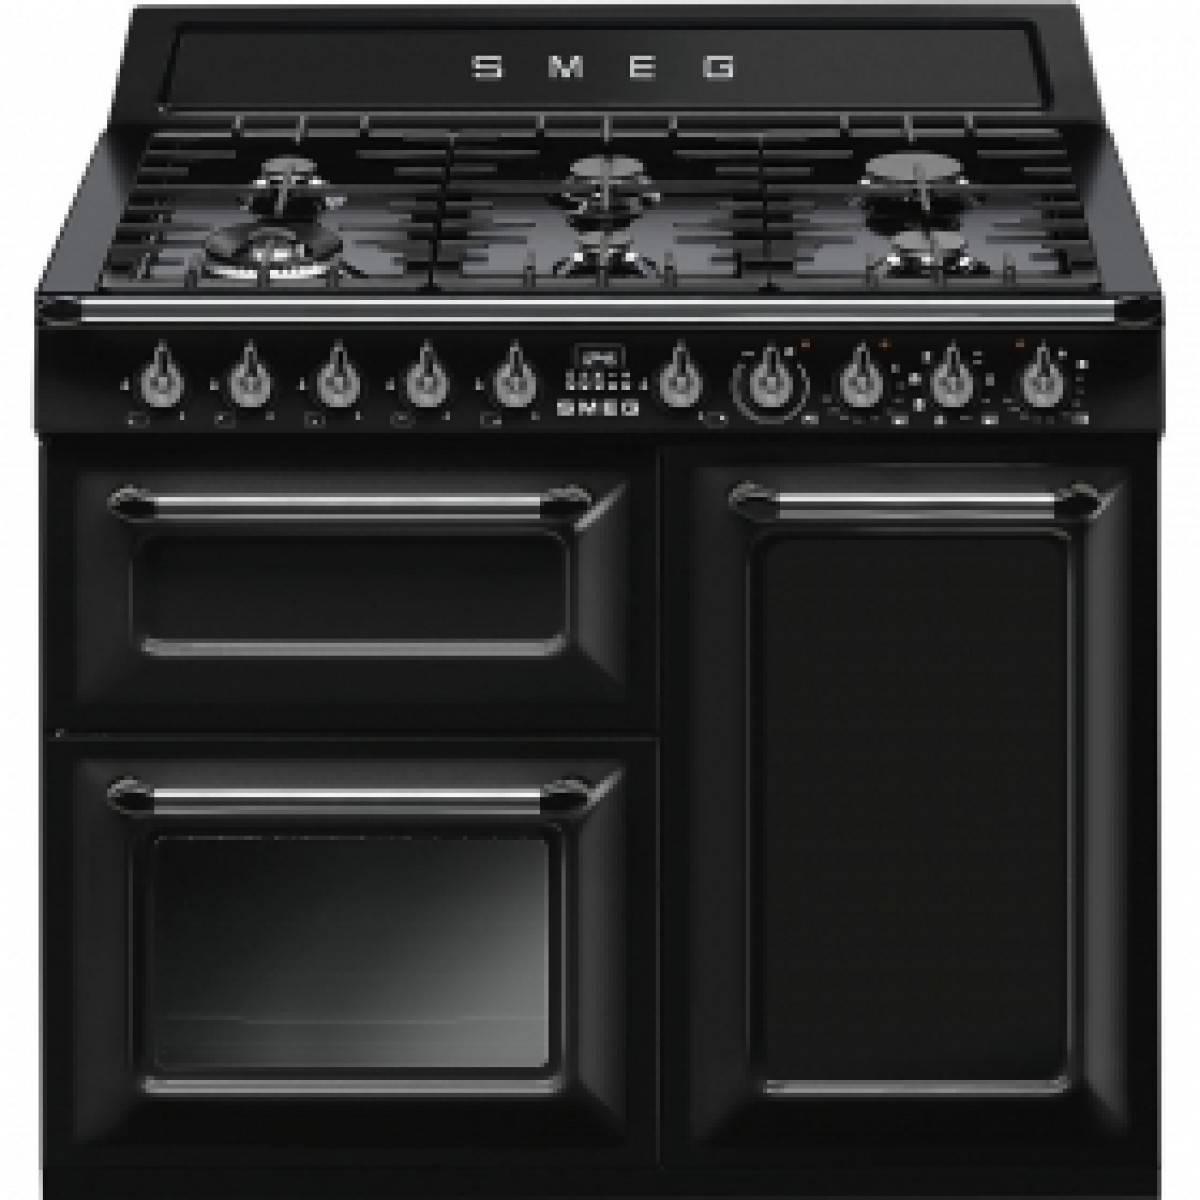 Smeg TR103BL Dual Fuel Range Cooker